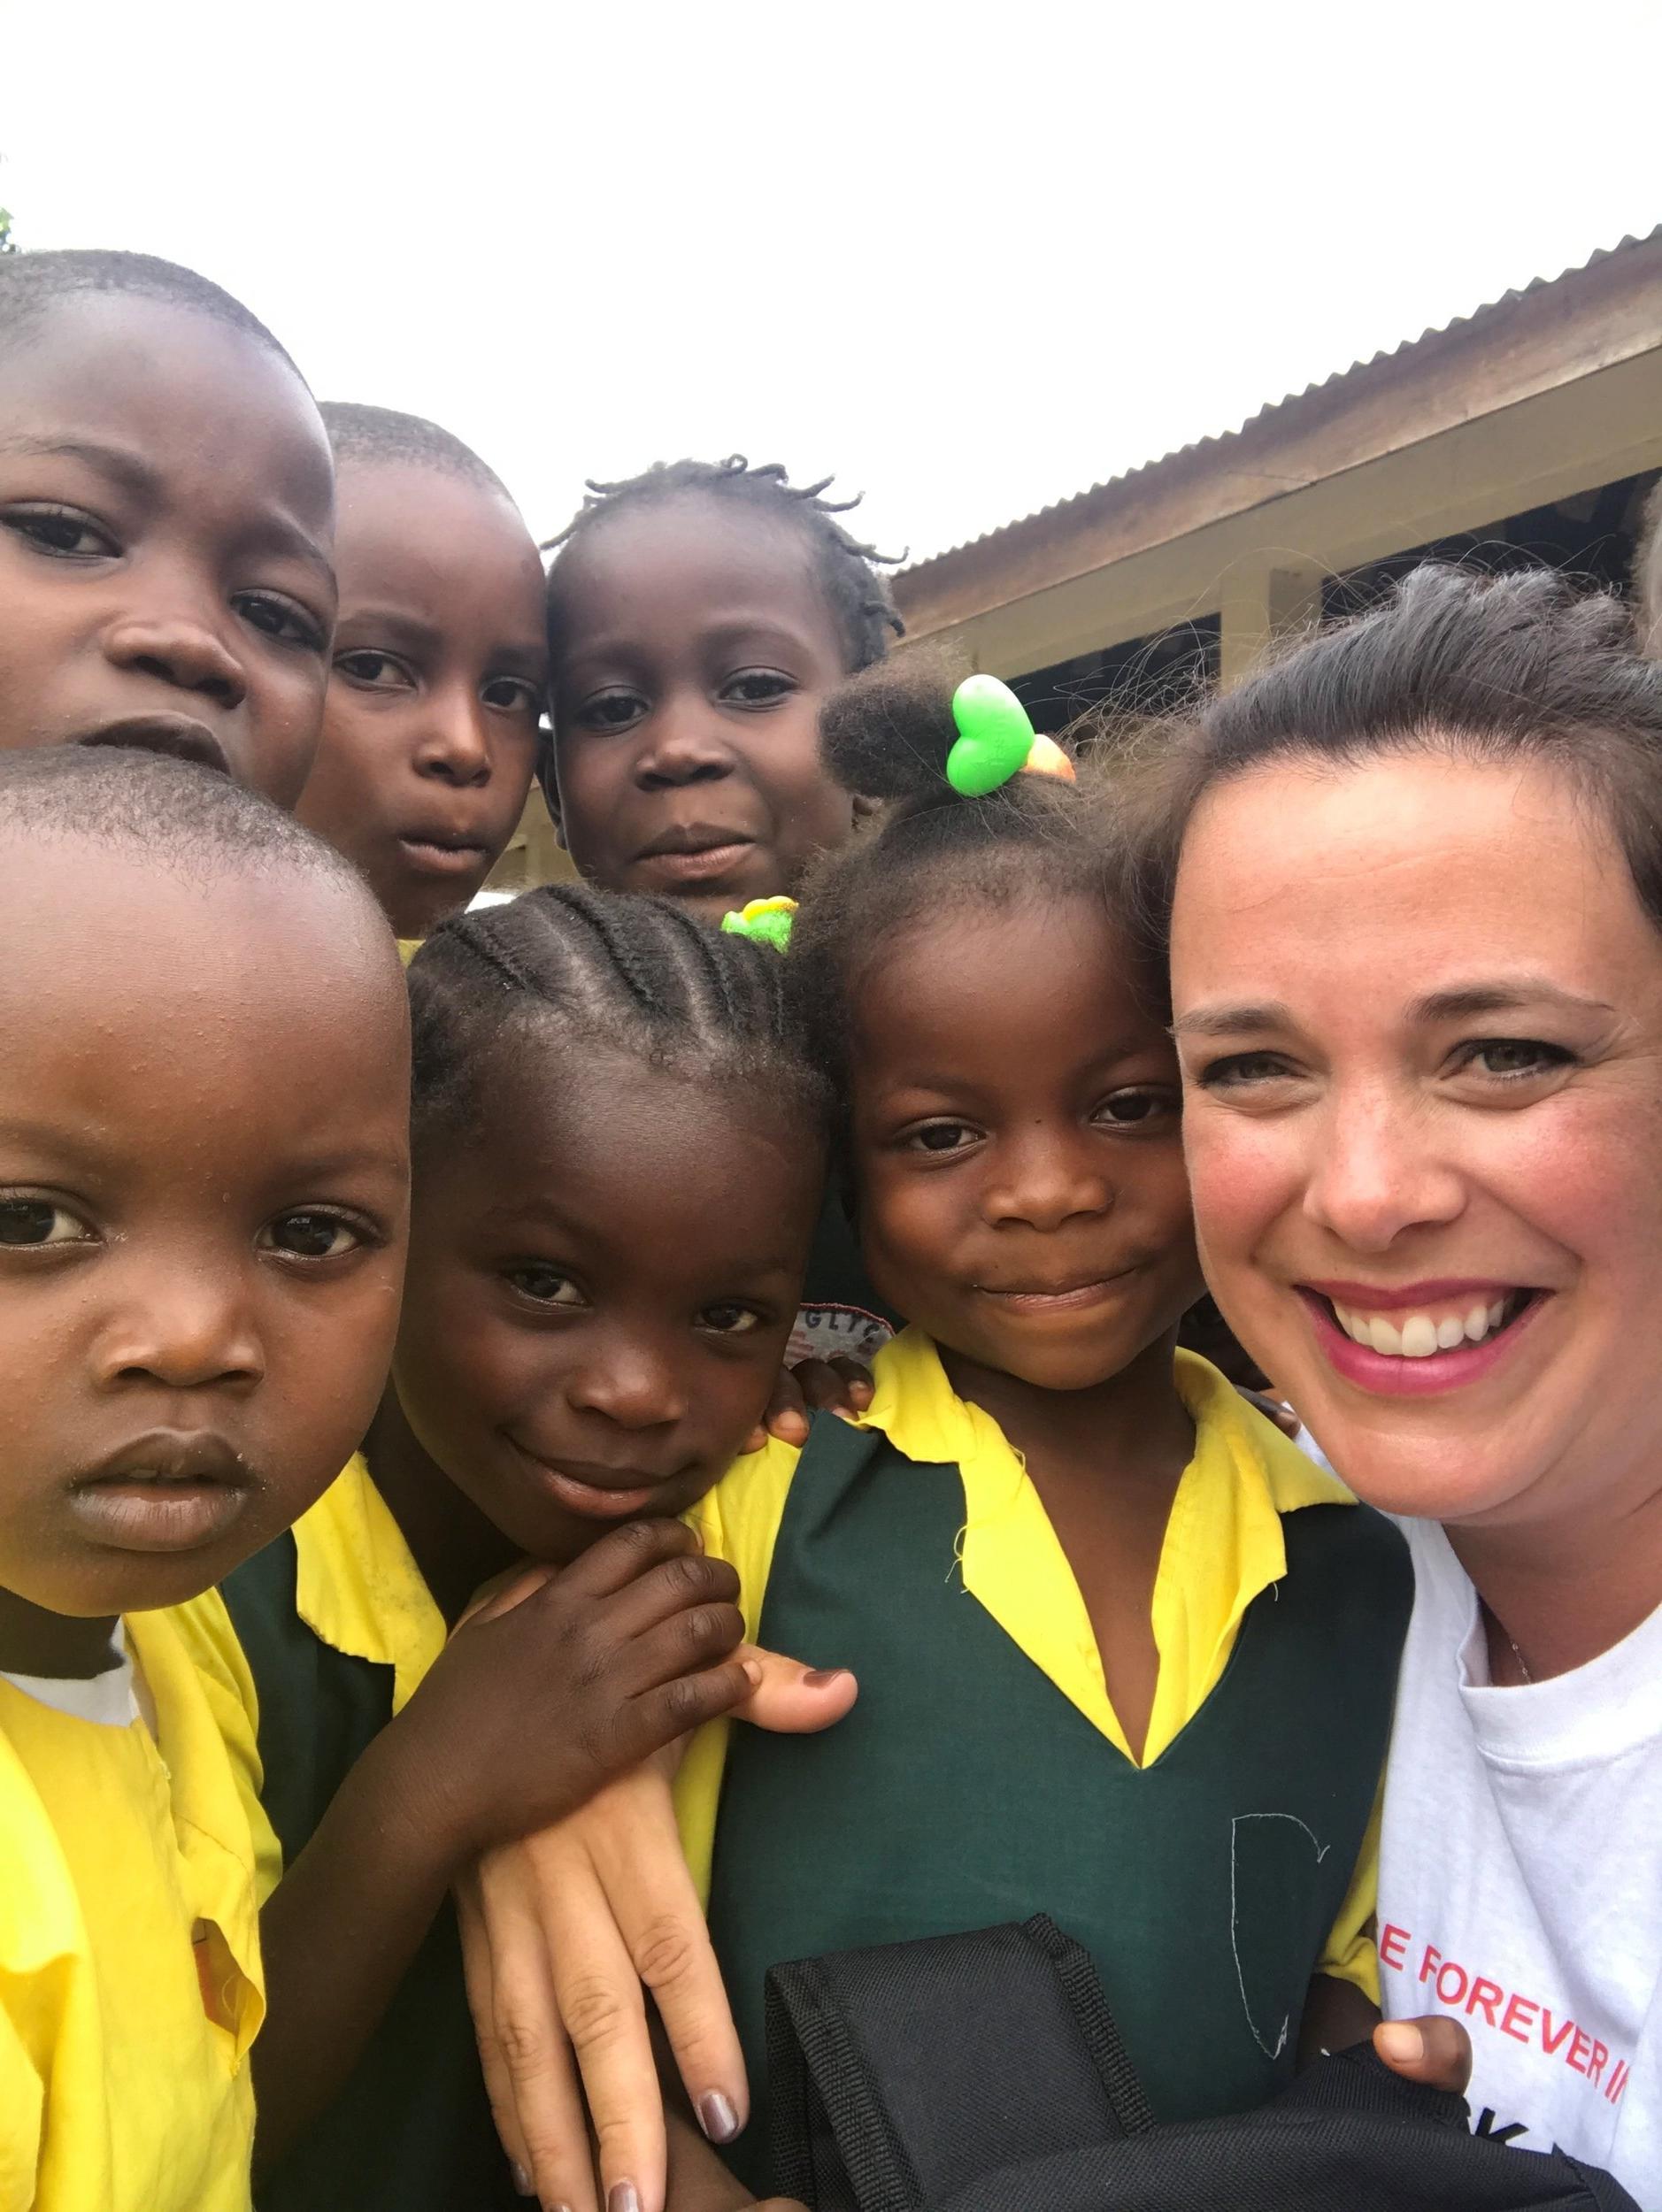 CWE_Liberia2.jpg